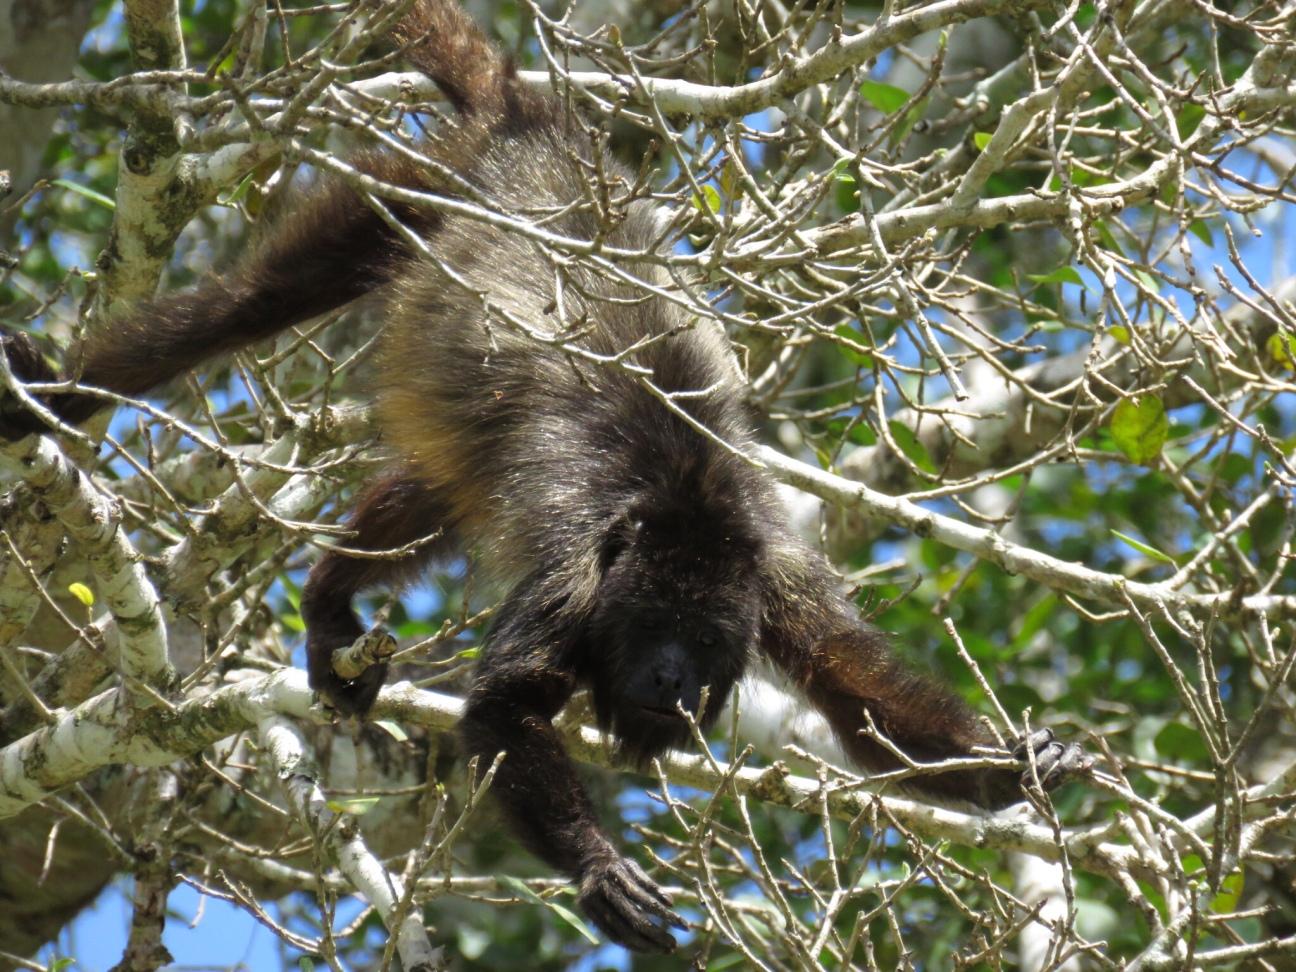 Howler Monkey - Lamanai Mayan Ruins